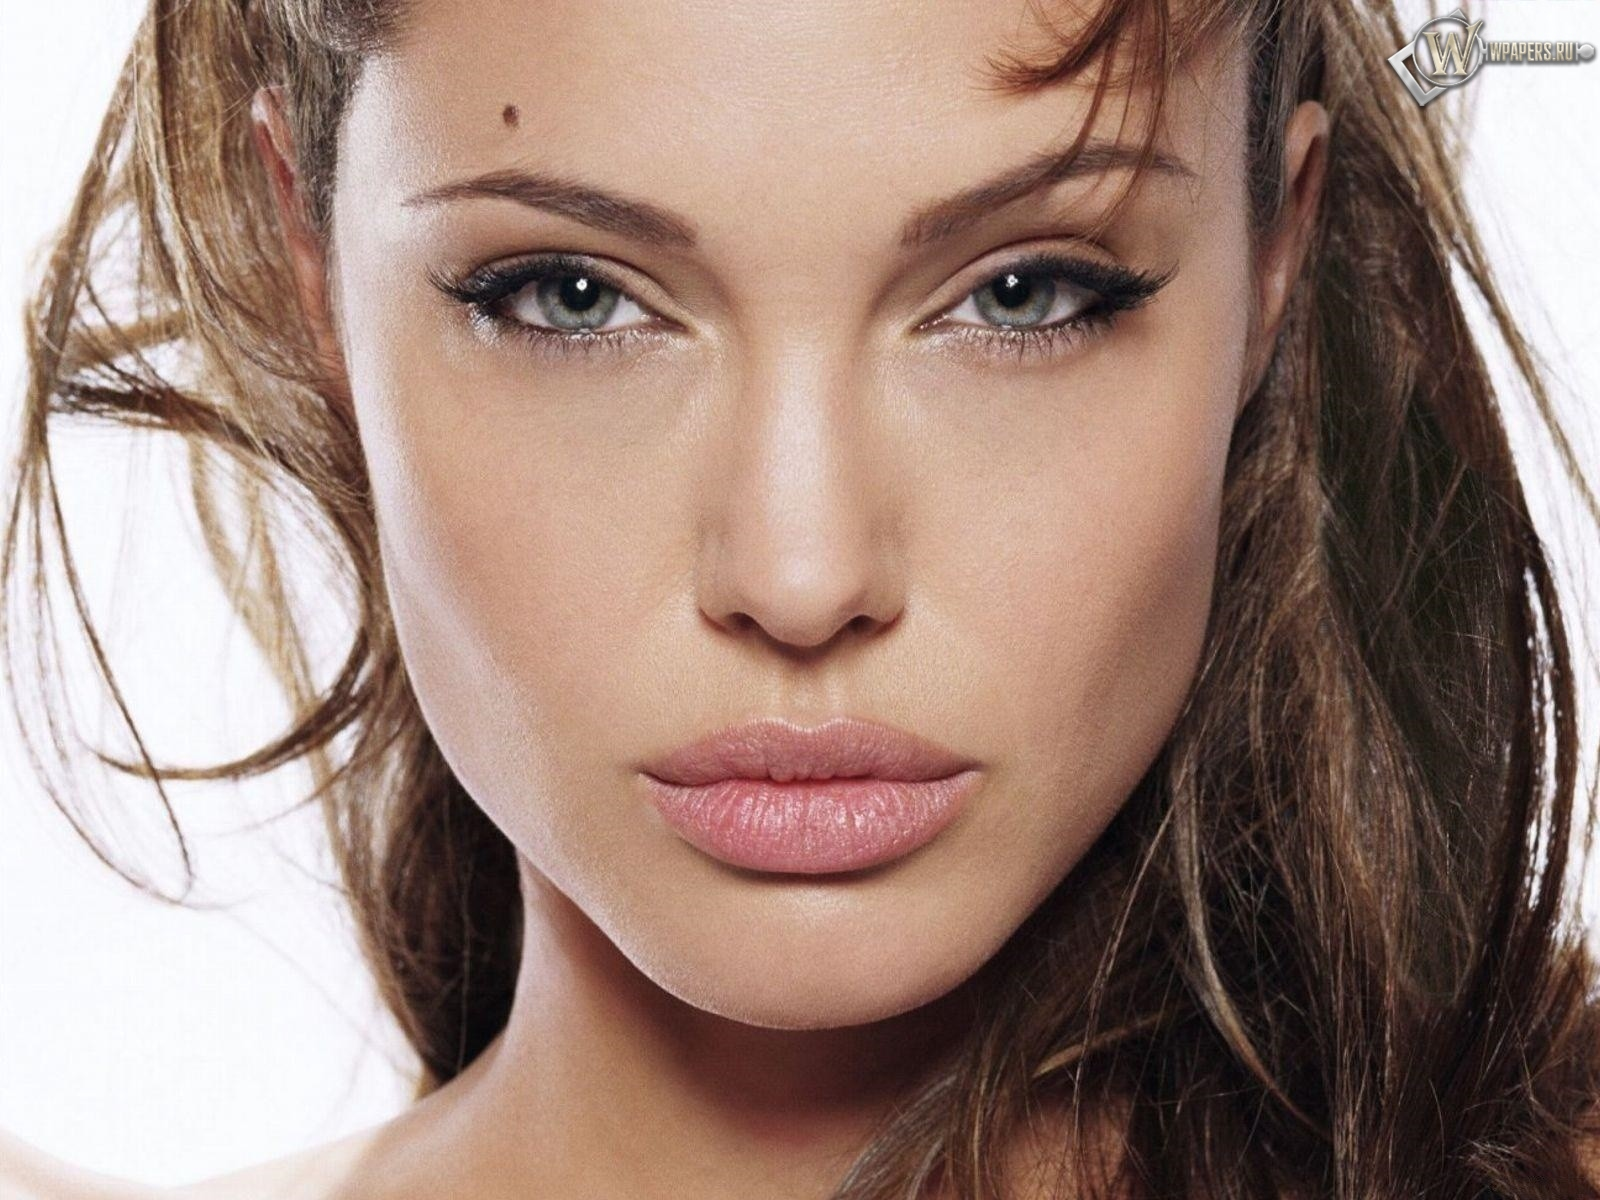 Взгляд Анжелины Джоли 1600x1200